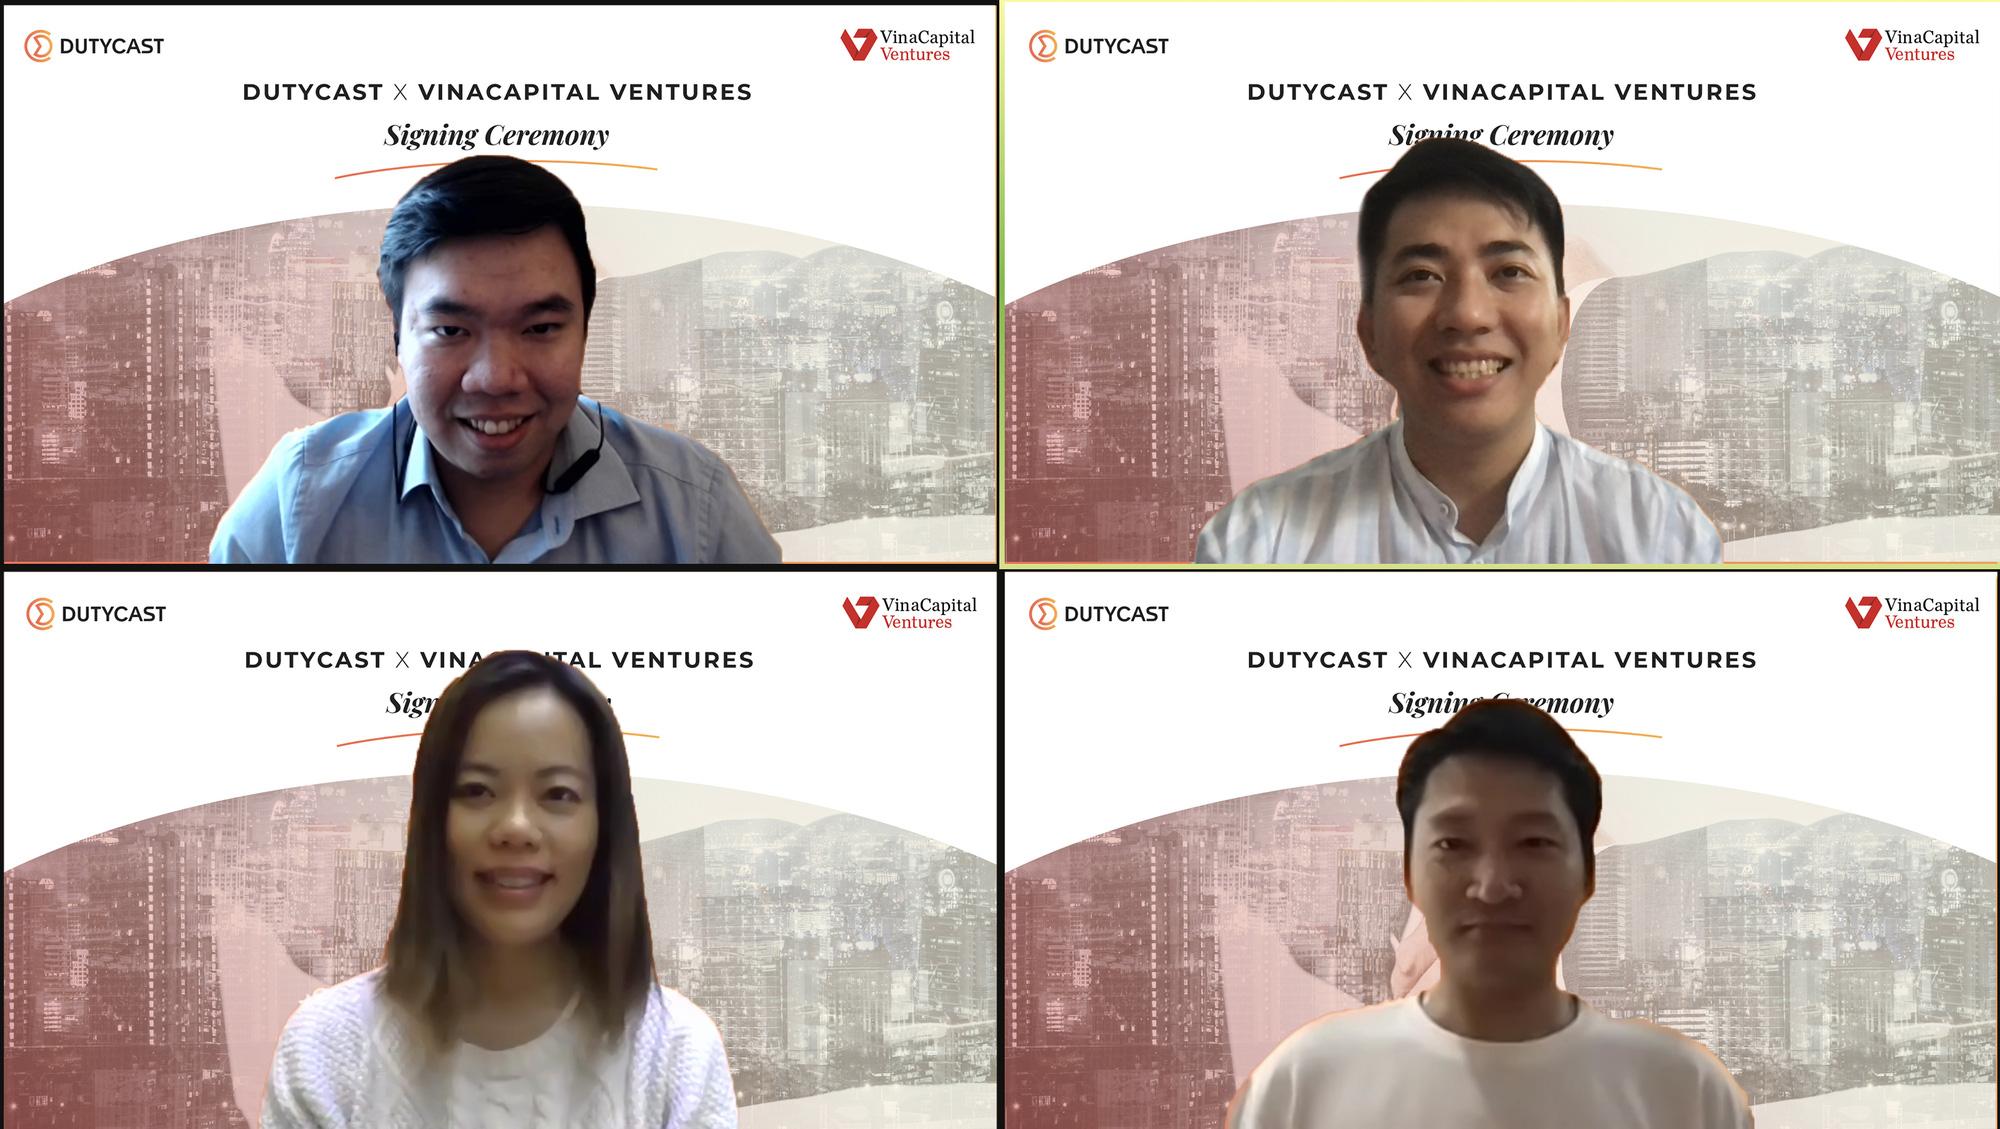 Vinacapital Ventures đầu tư vào nền tảng công nghệ hỗ trợ mua sắm xuyên quốc gia Dutycast - Ảnh 1.